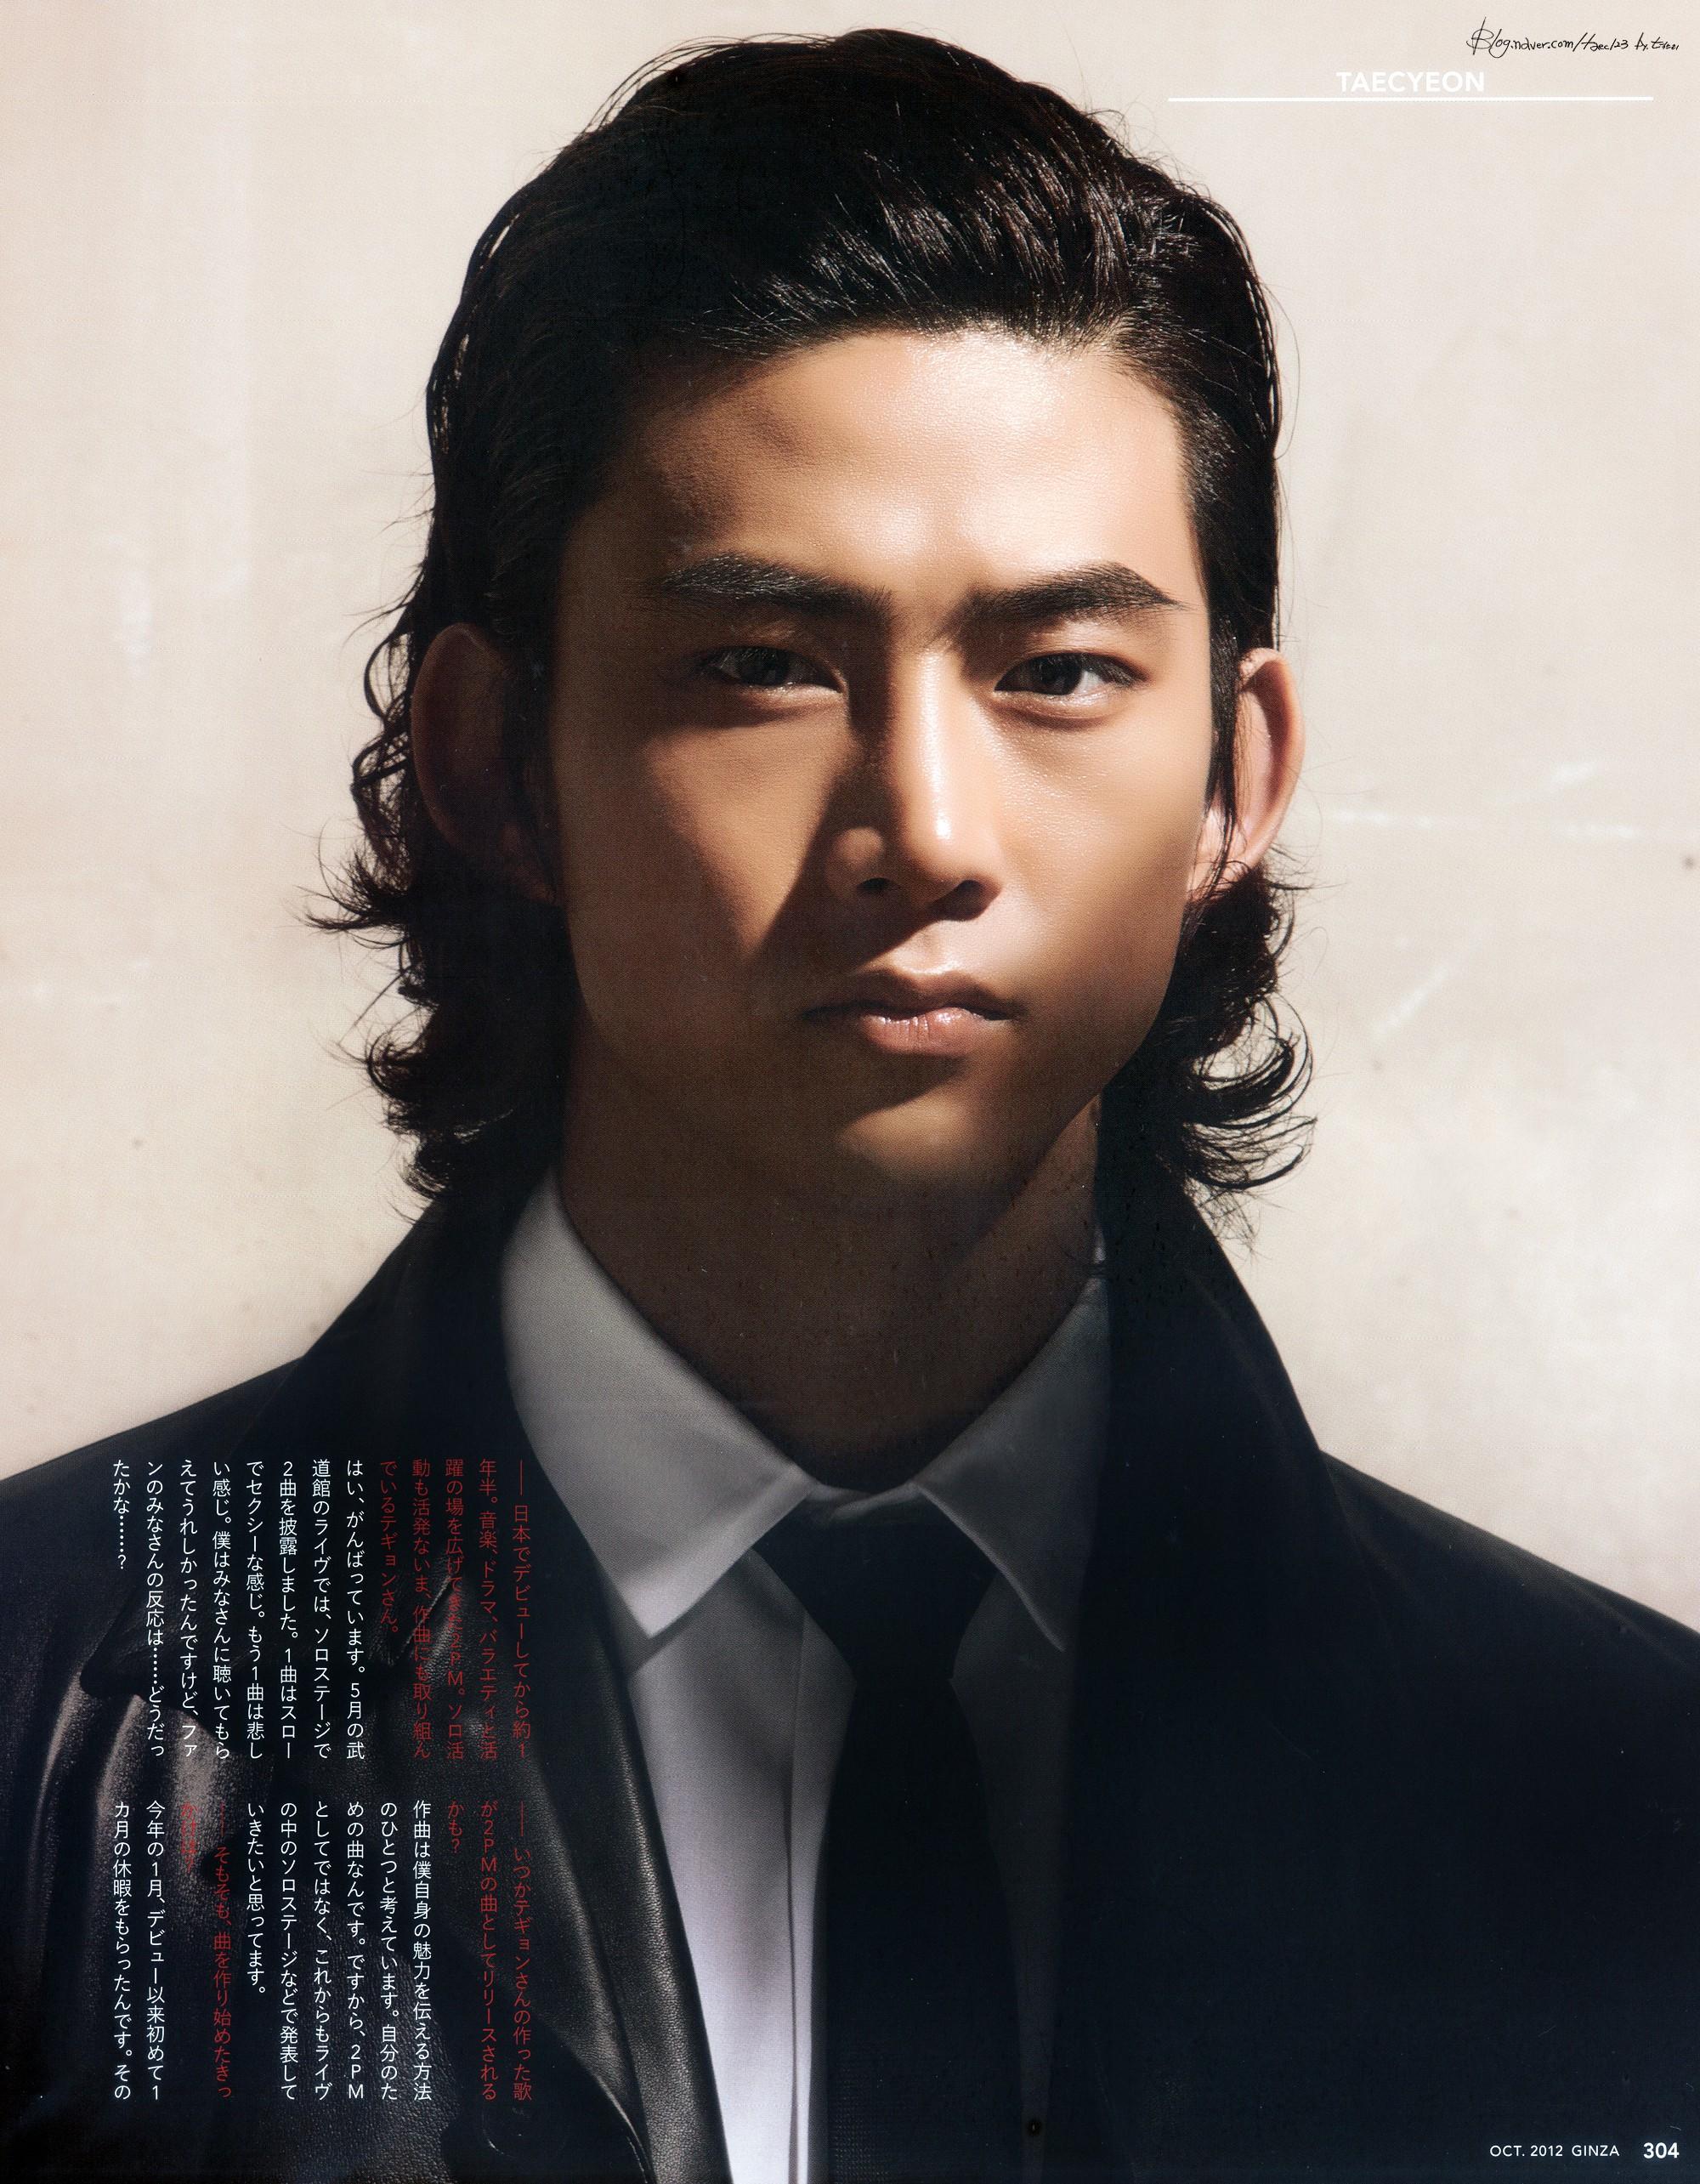 Khi các tài tử cực phẩm để tóc dài sến: Đẹp khó tin và phong trần trên tạp chí, nhưng quá khó đỡ khi nhìn ở ngoài - Ảnh 27.